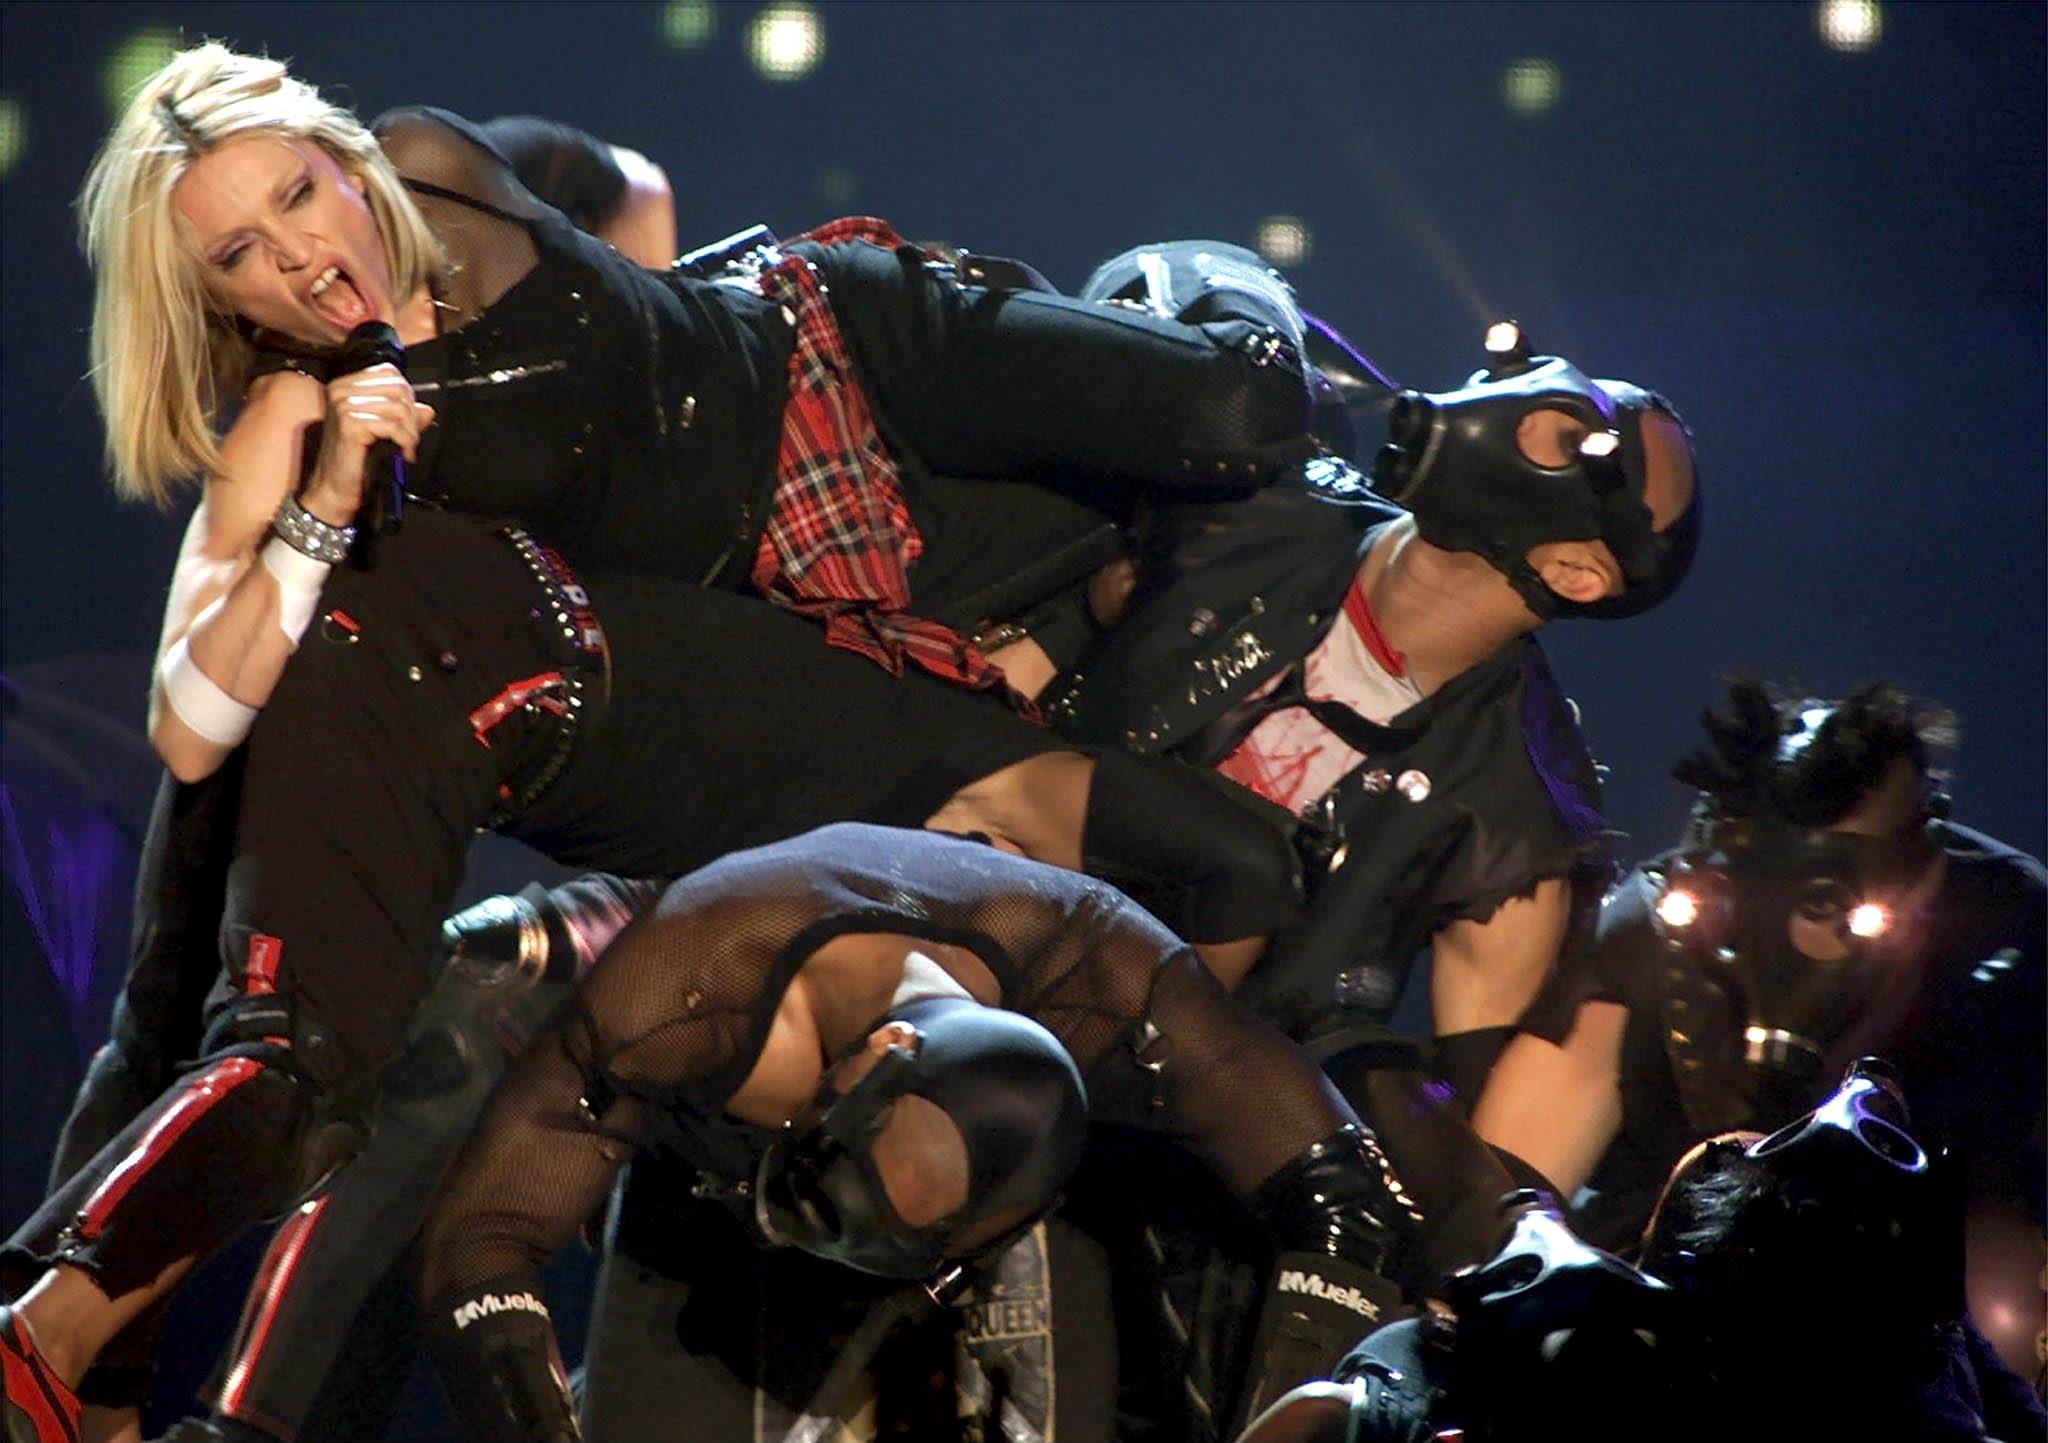 Задве песни на«Евровидении» вТель-Авиве Мадонна получит неменее  млн  долларов